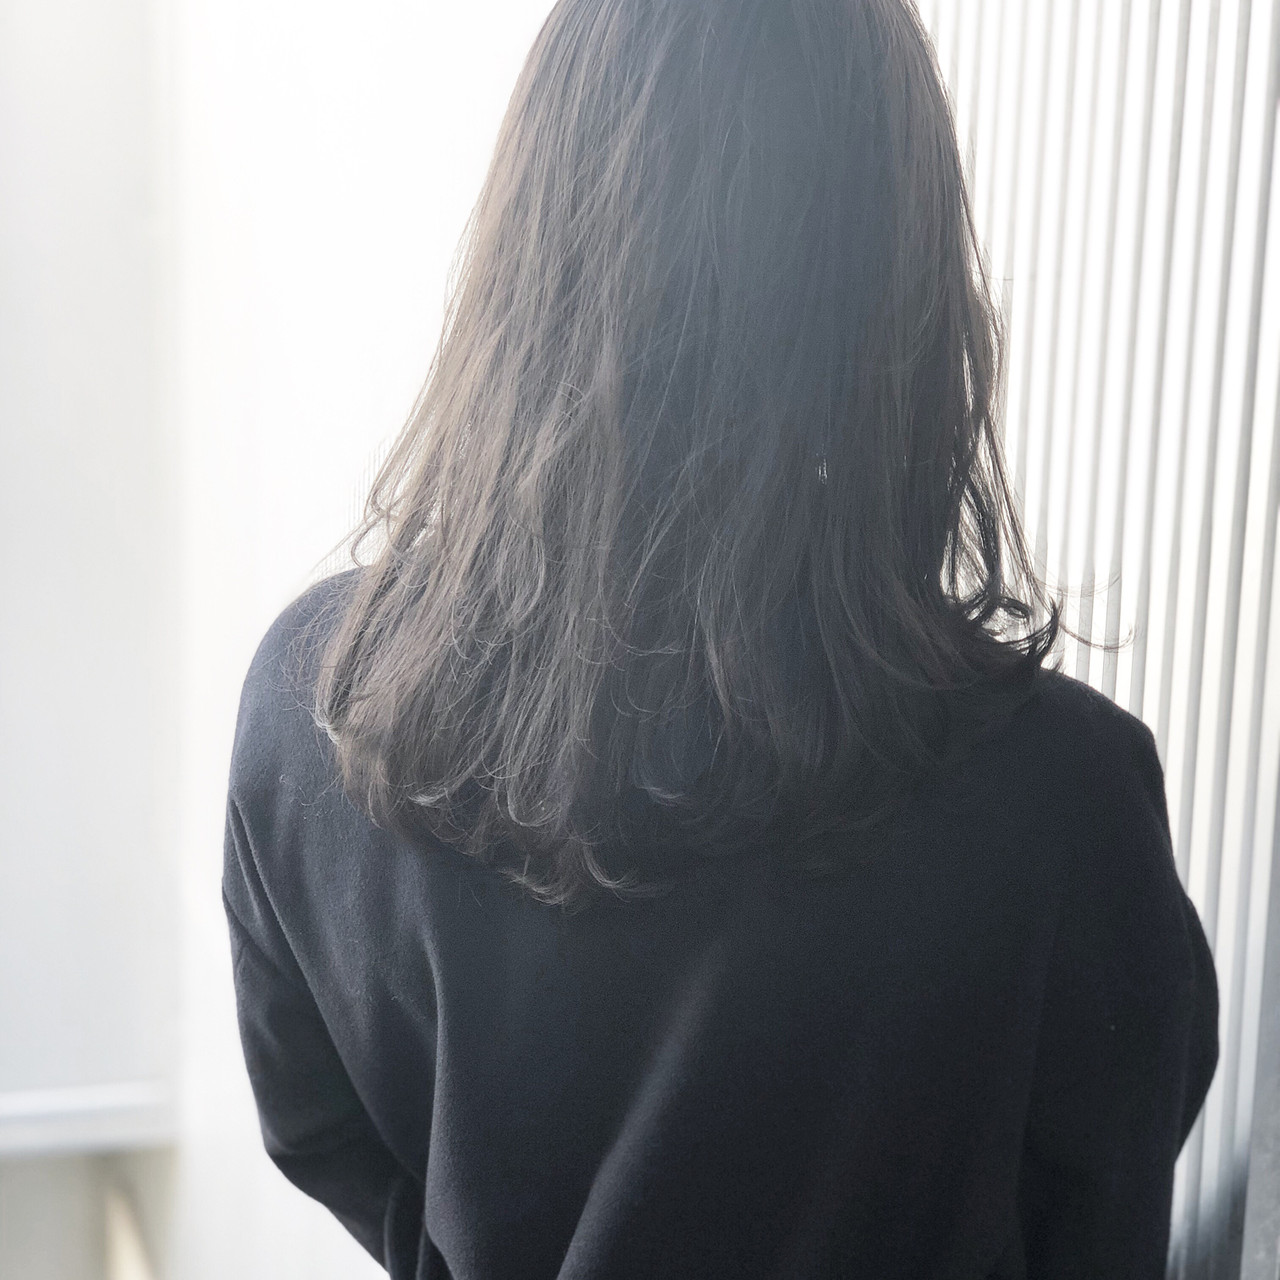 前髪 アンニュイほつれヘア アッシュ グレージュ ヘアスタイルや髪型の写真・画像